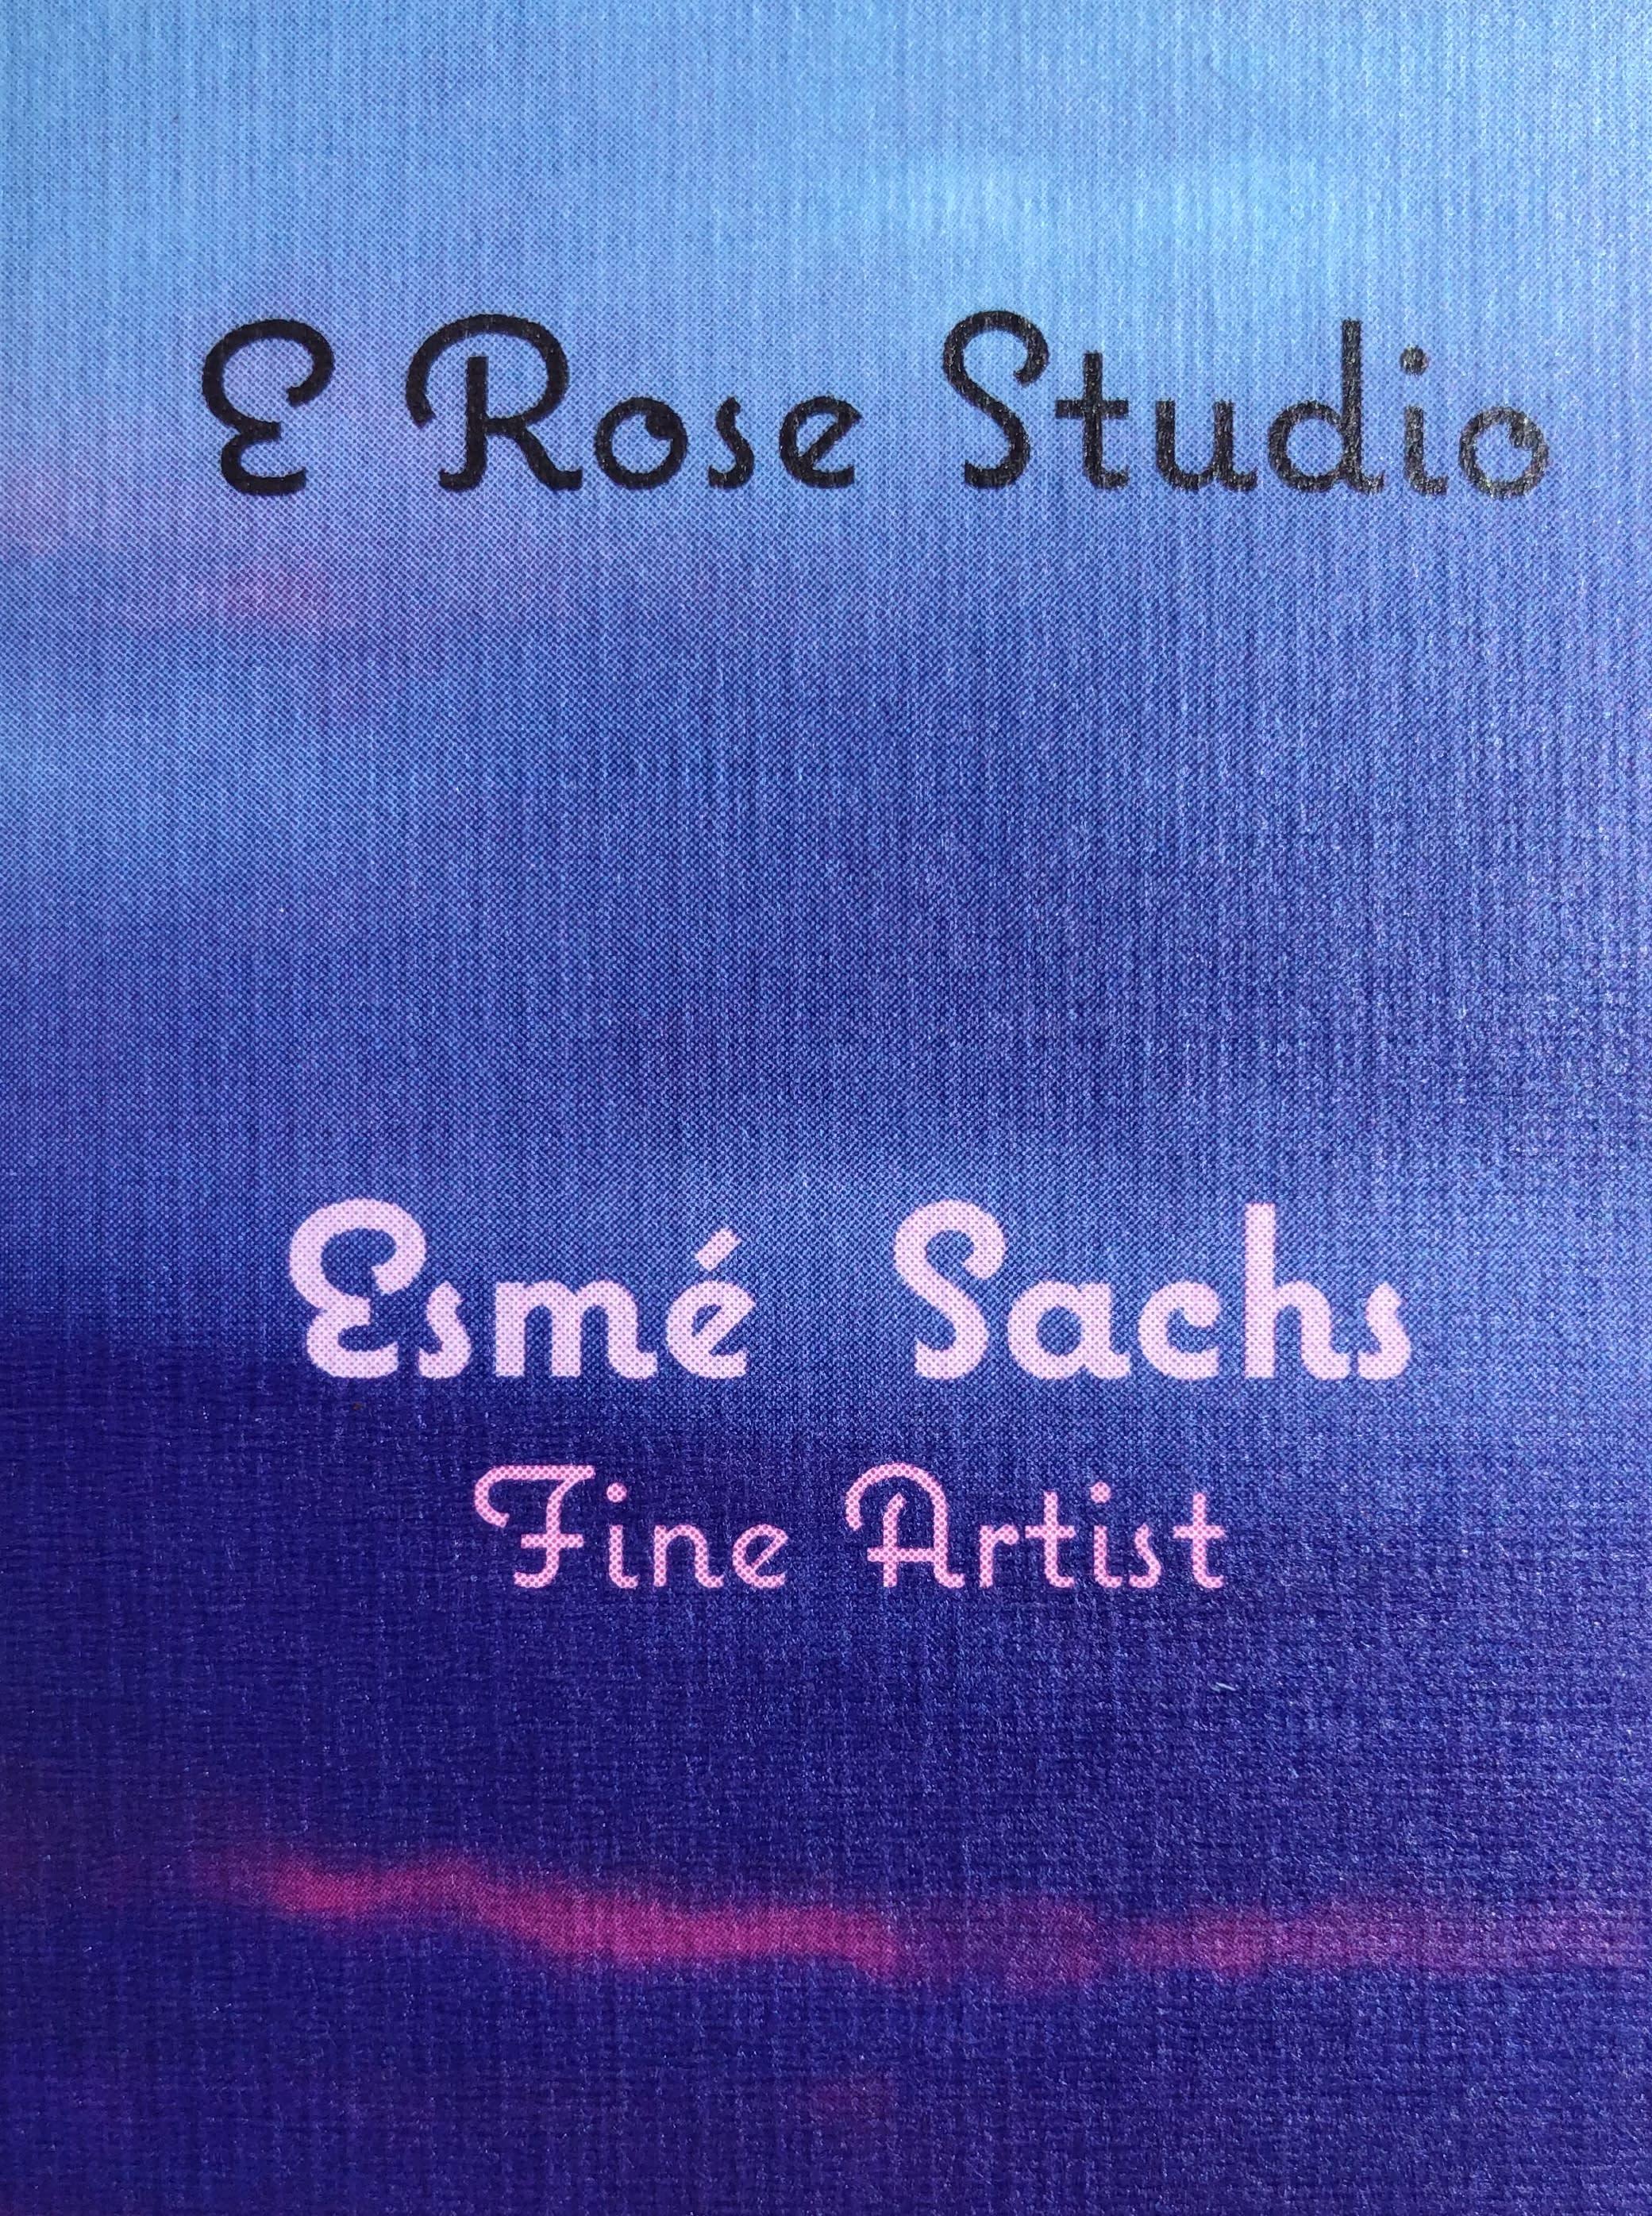 E Rose Studio